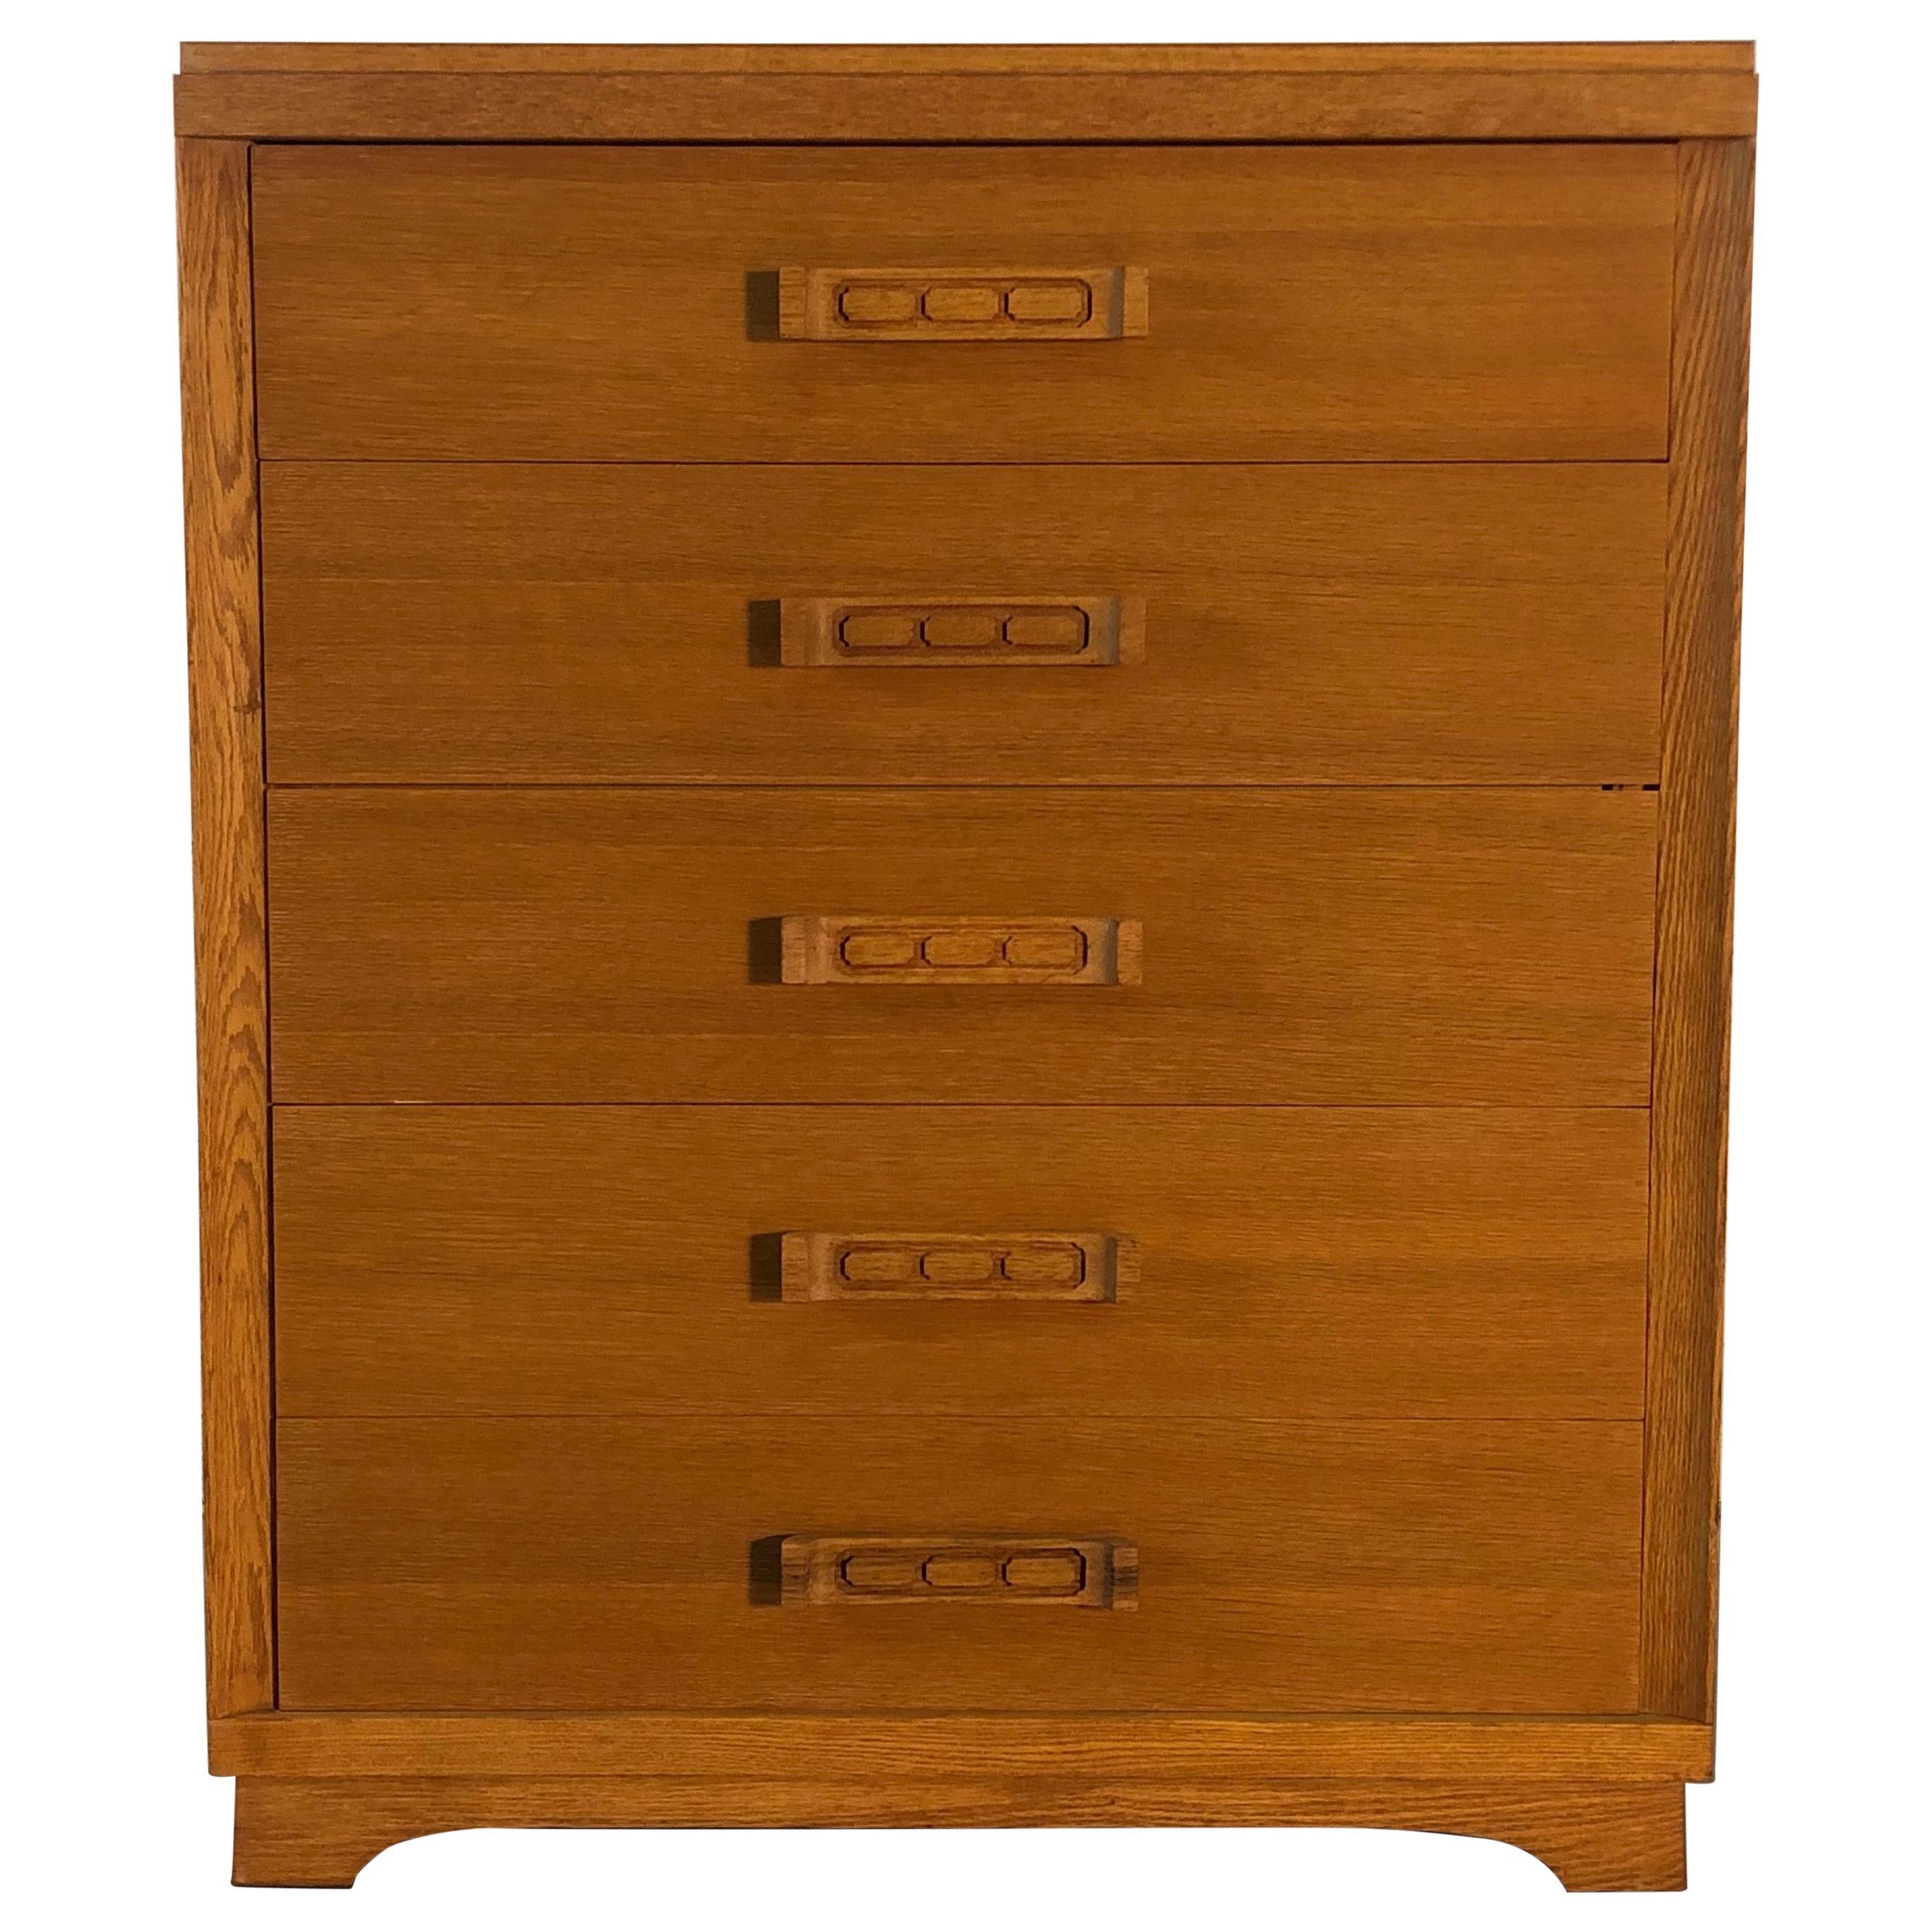 1960s Asian-Style Oakwood Dresser